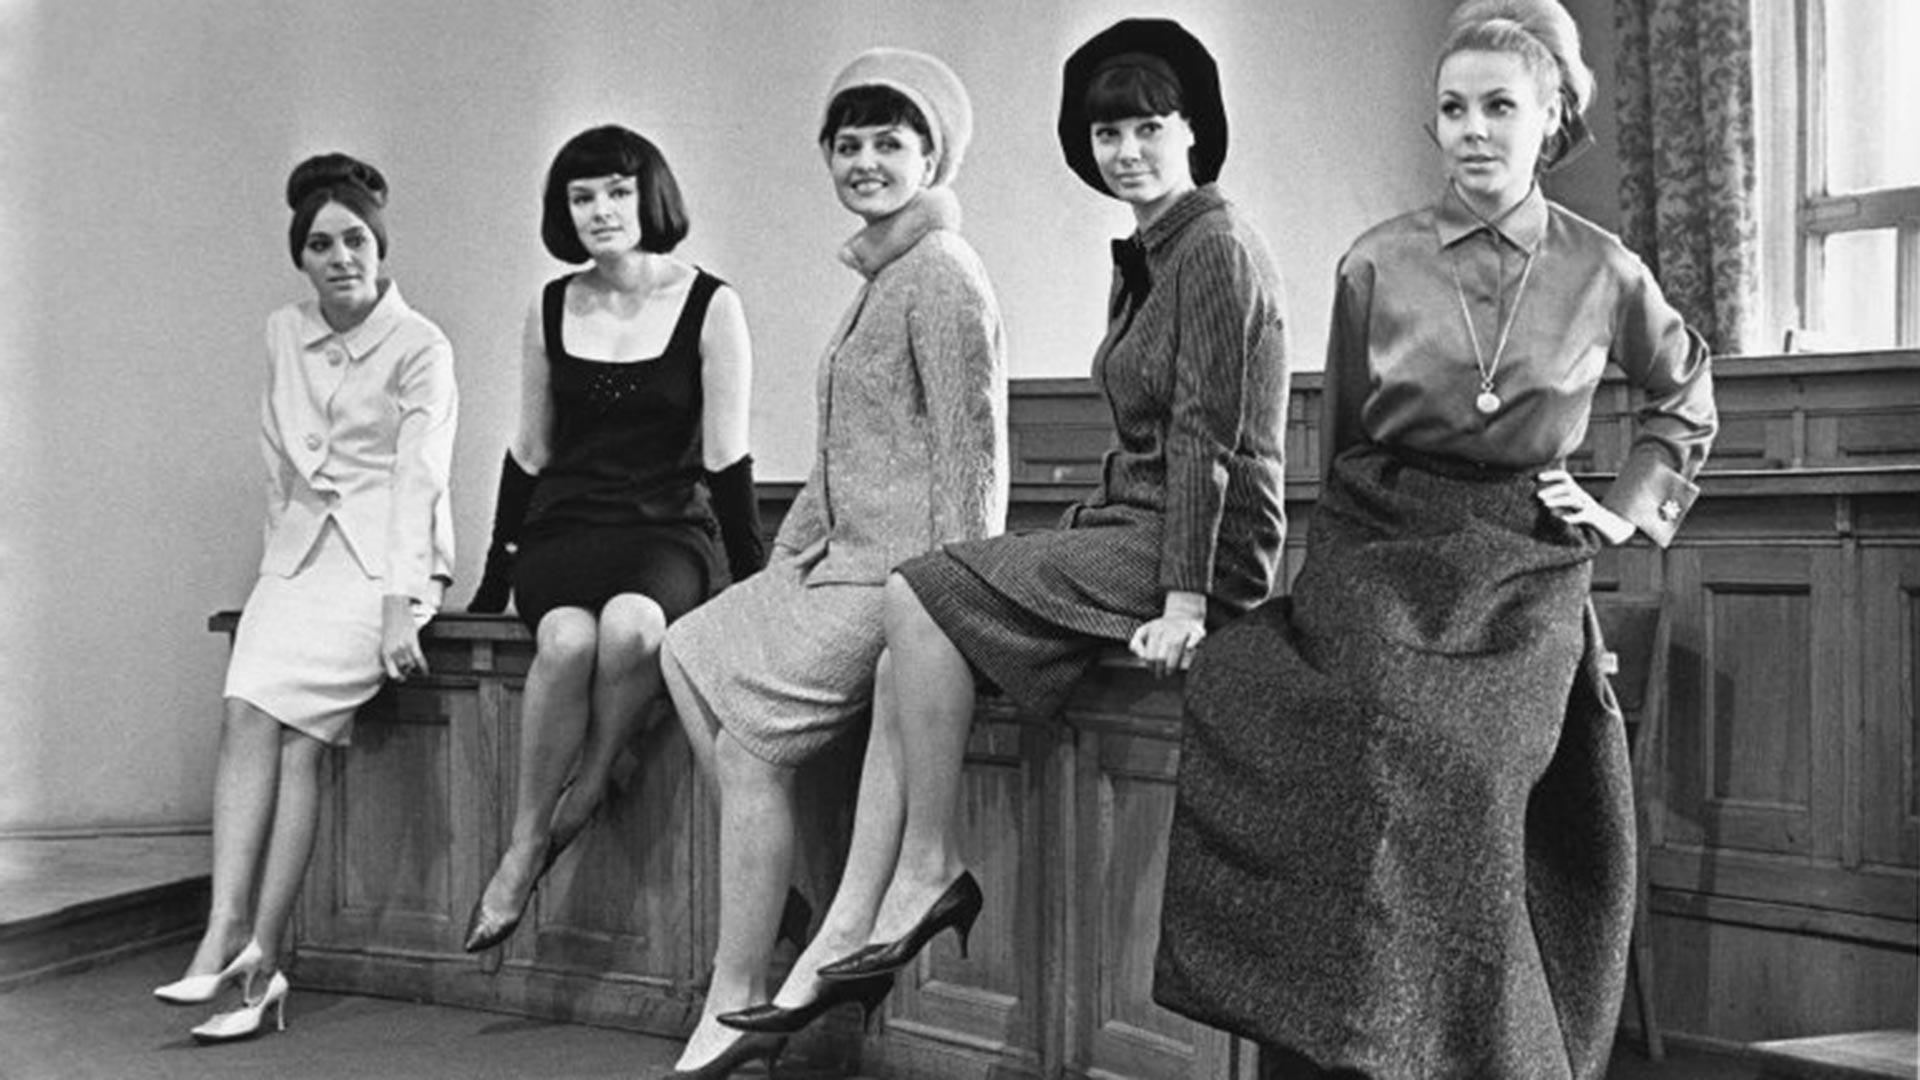 All-Union House of Fashion Design. Models Natalya Kondrashina, Elena Izorgina, Liliana Baskakova, Regina Zbarskaya and Mila Romanovskaya, 1965.